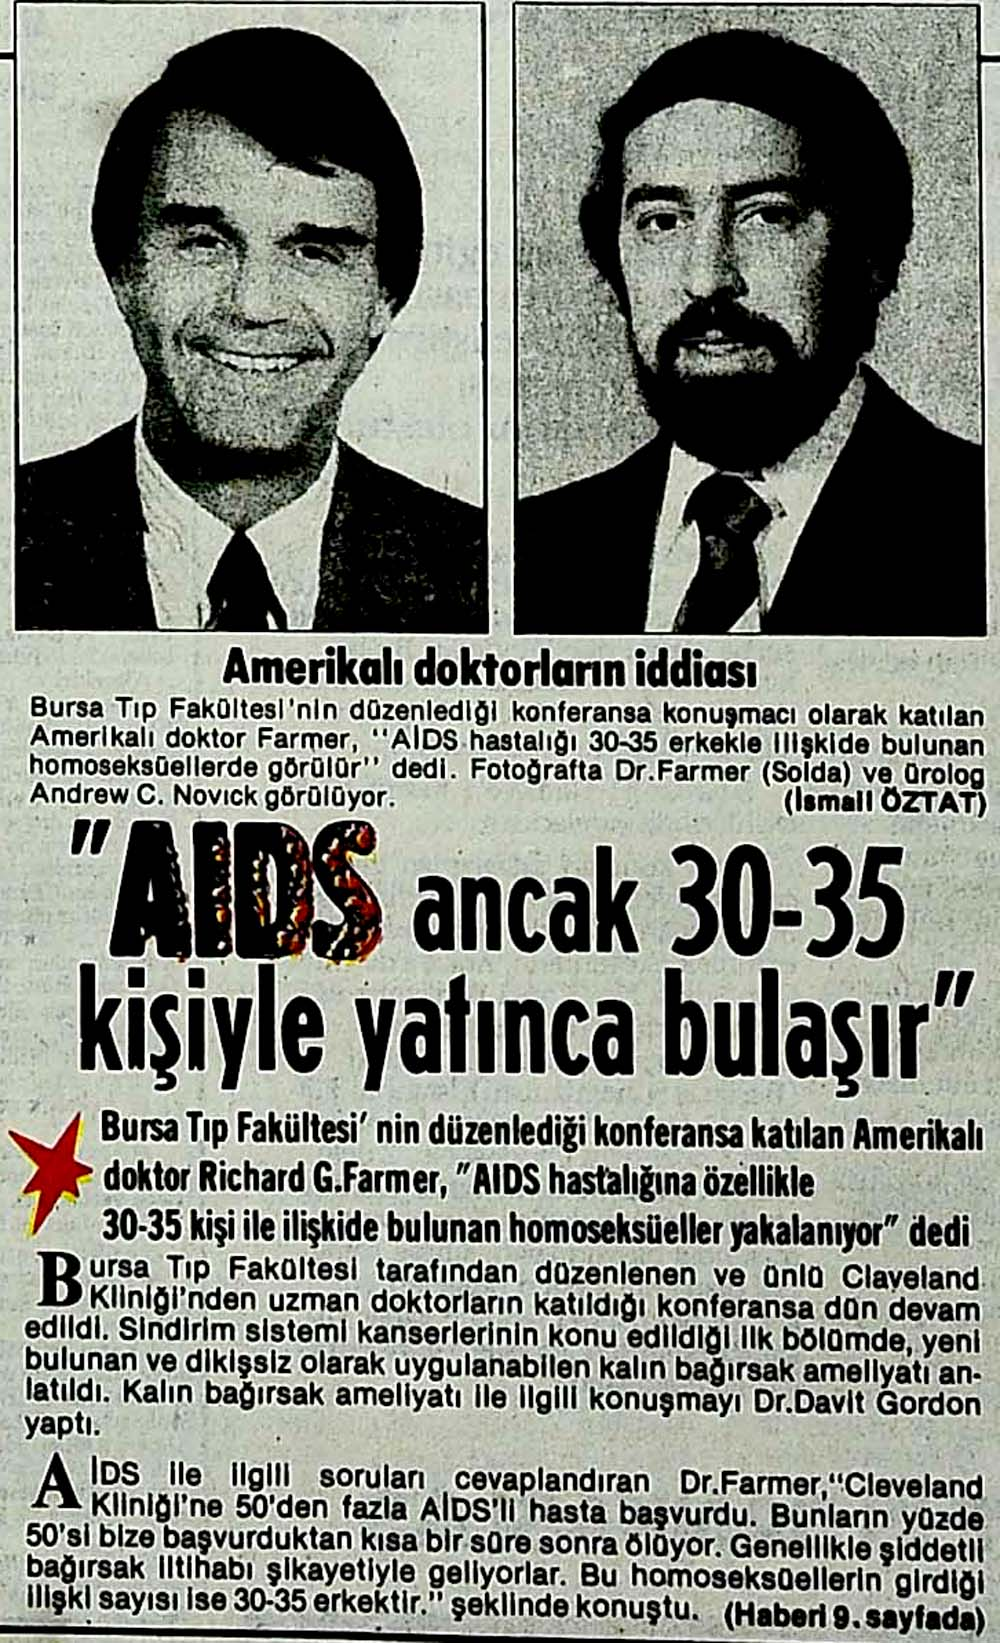 ''AIDS ancak 30-35 kişiyle yatınca bulaşır''